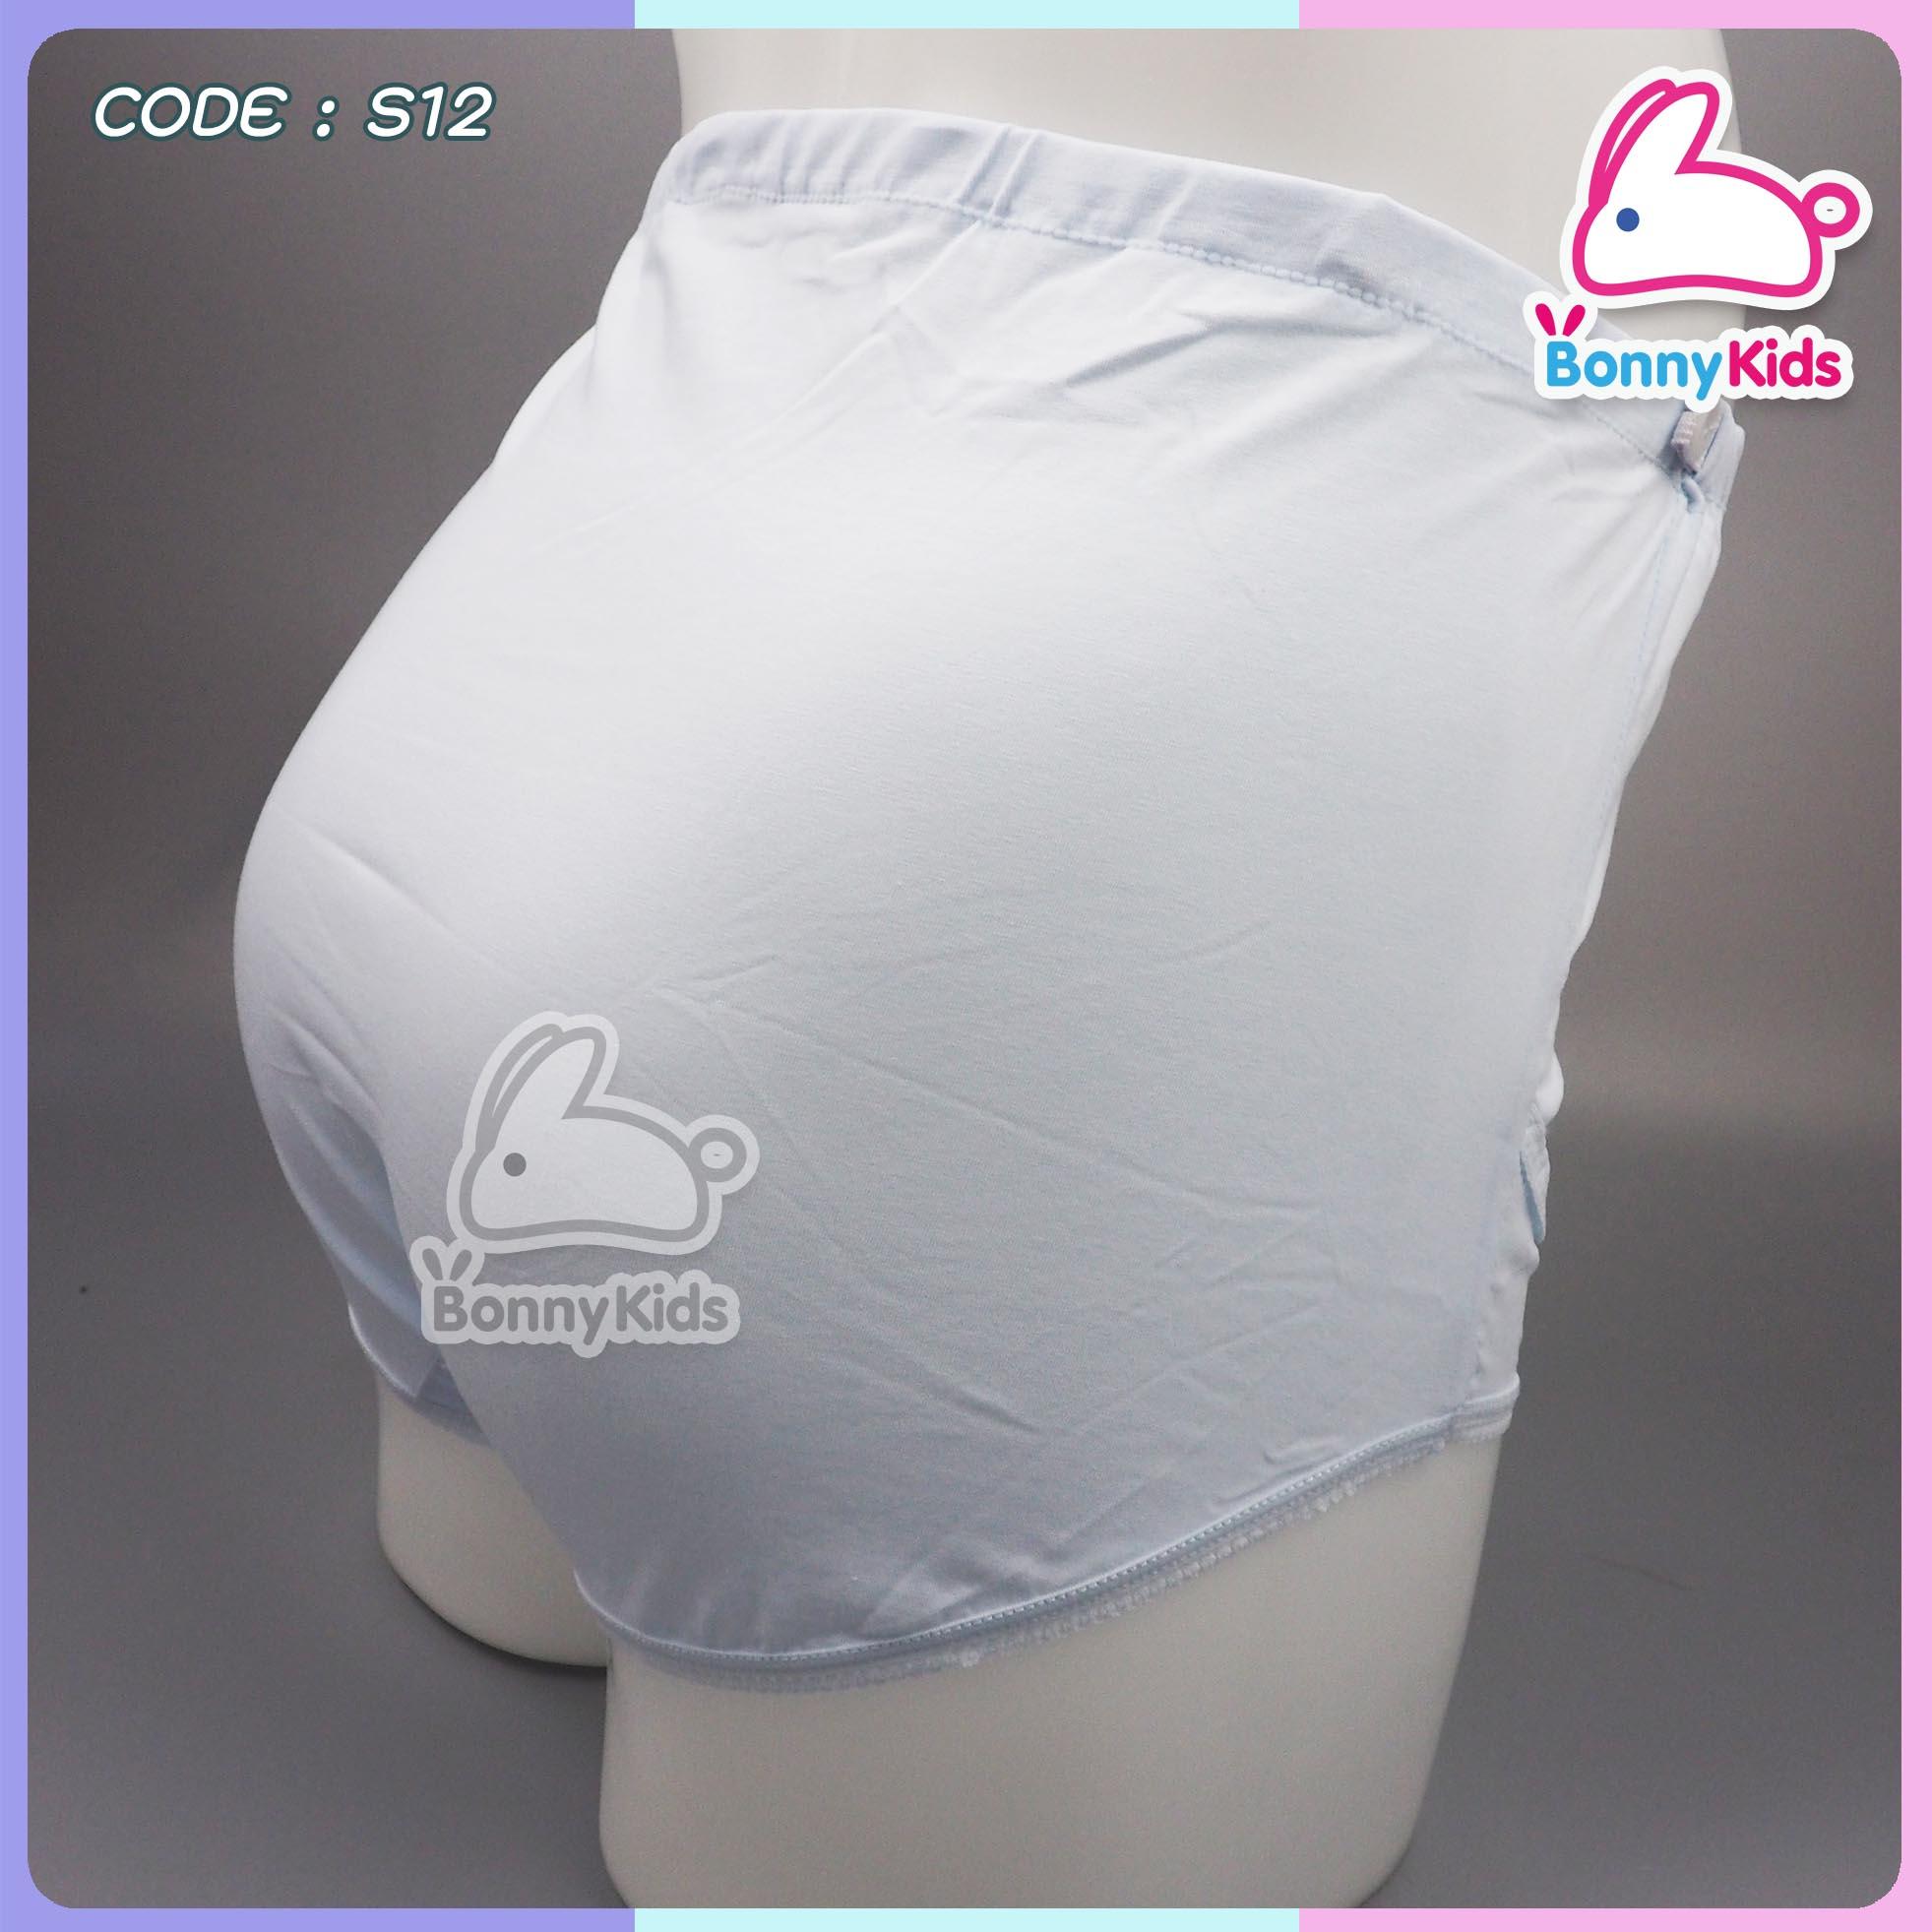 กางเกงในคนท้อง (พยุงครรภ์) ปรับขนาดเอวได้ สีฟ้า